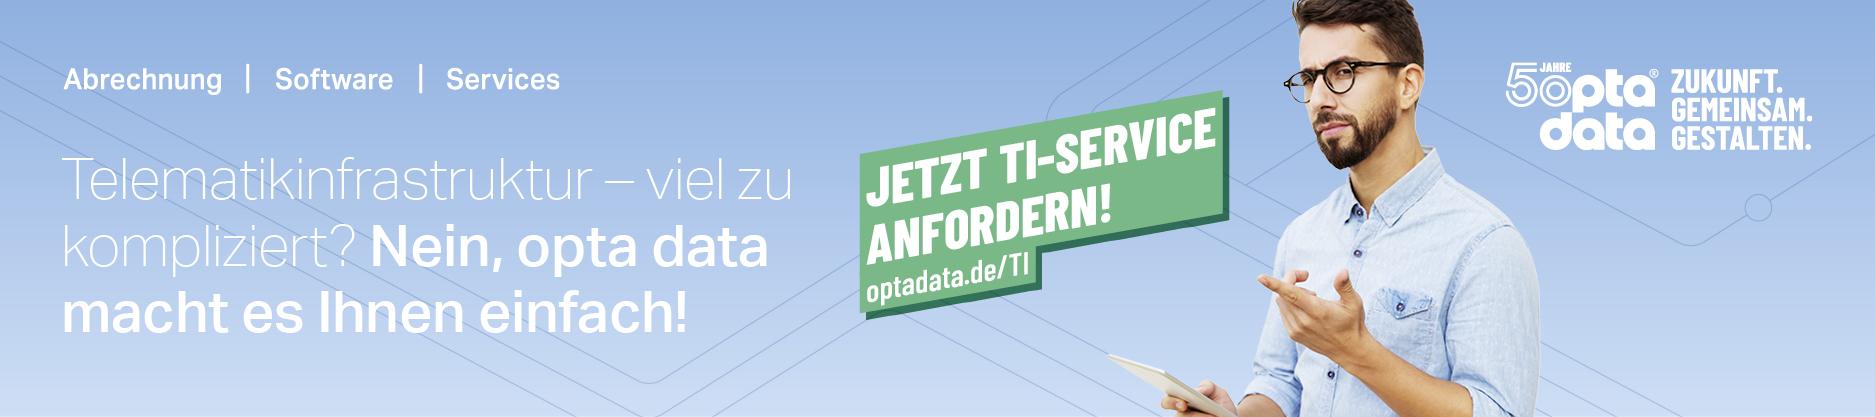 OptaData Skyscraper 01.05-31.05.21 mobil